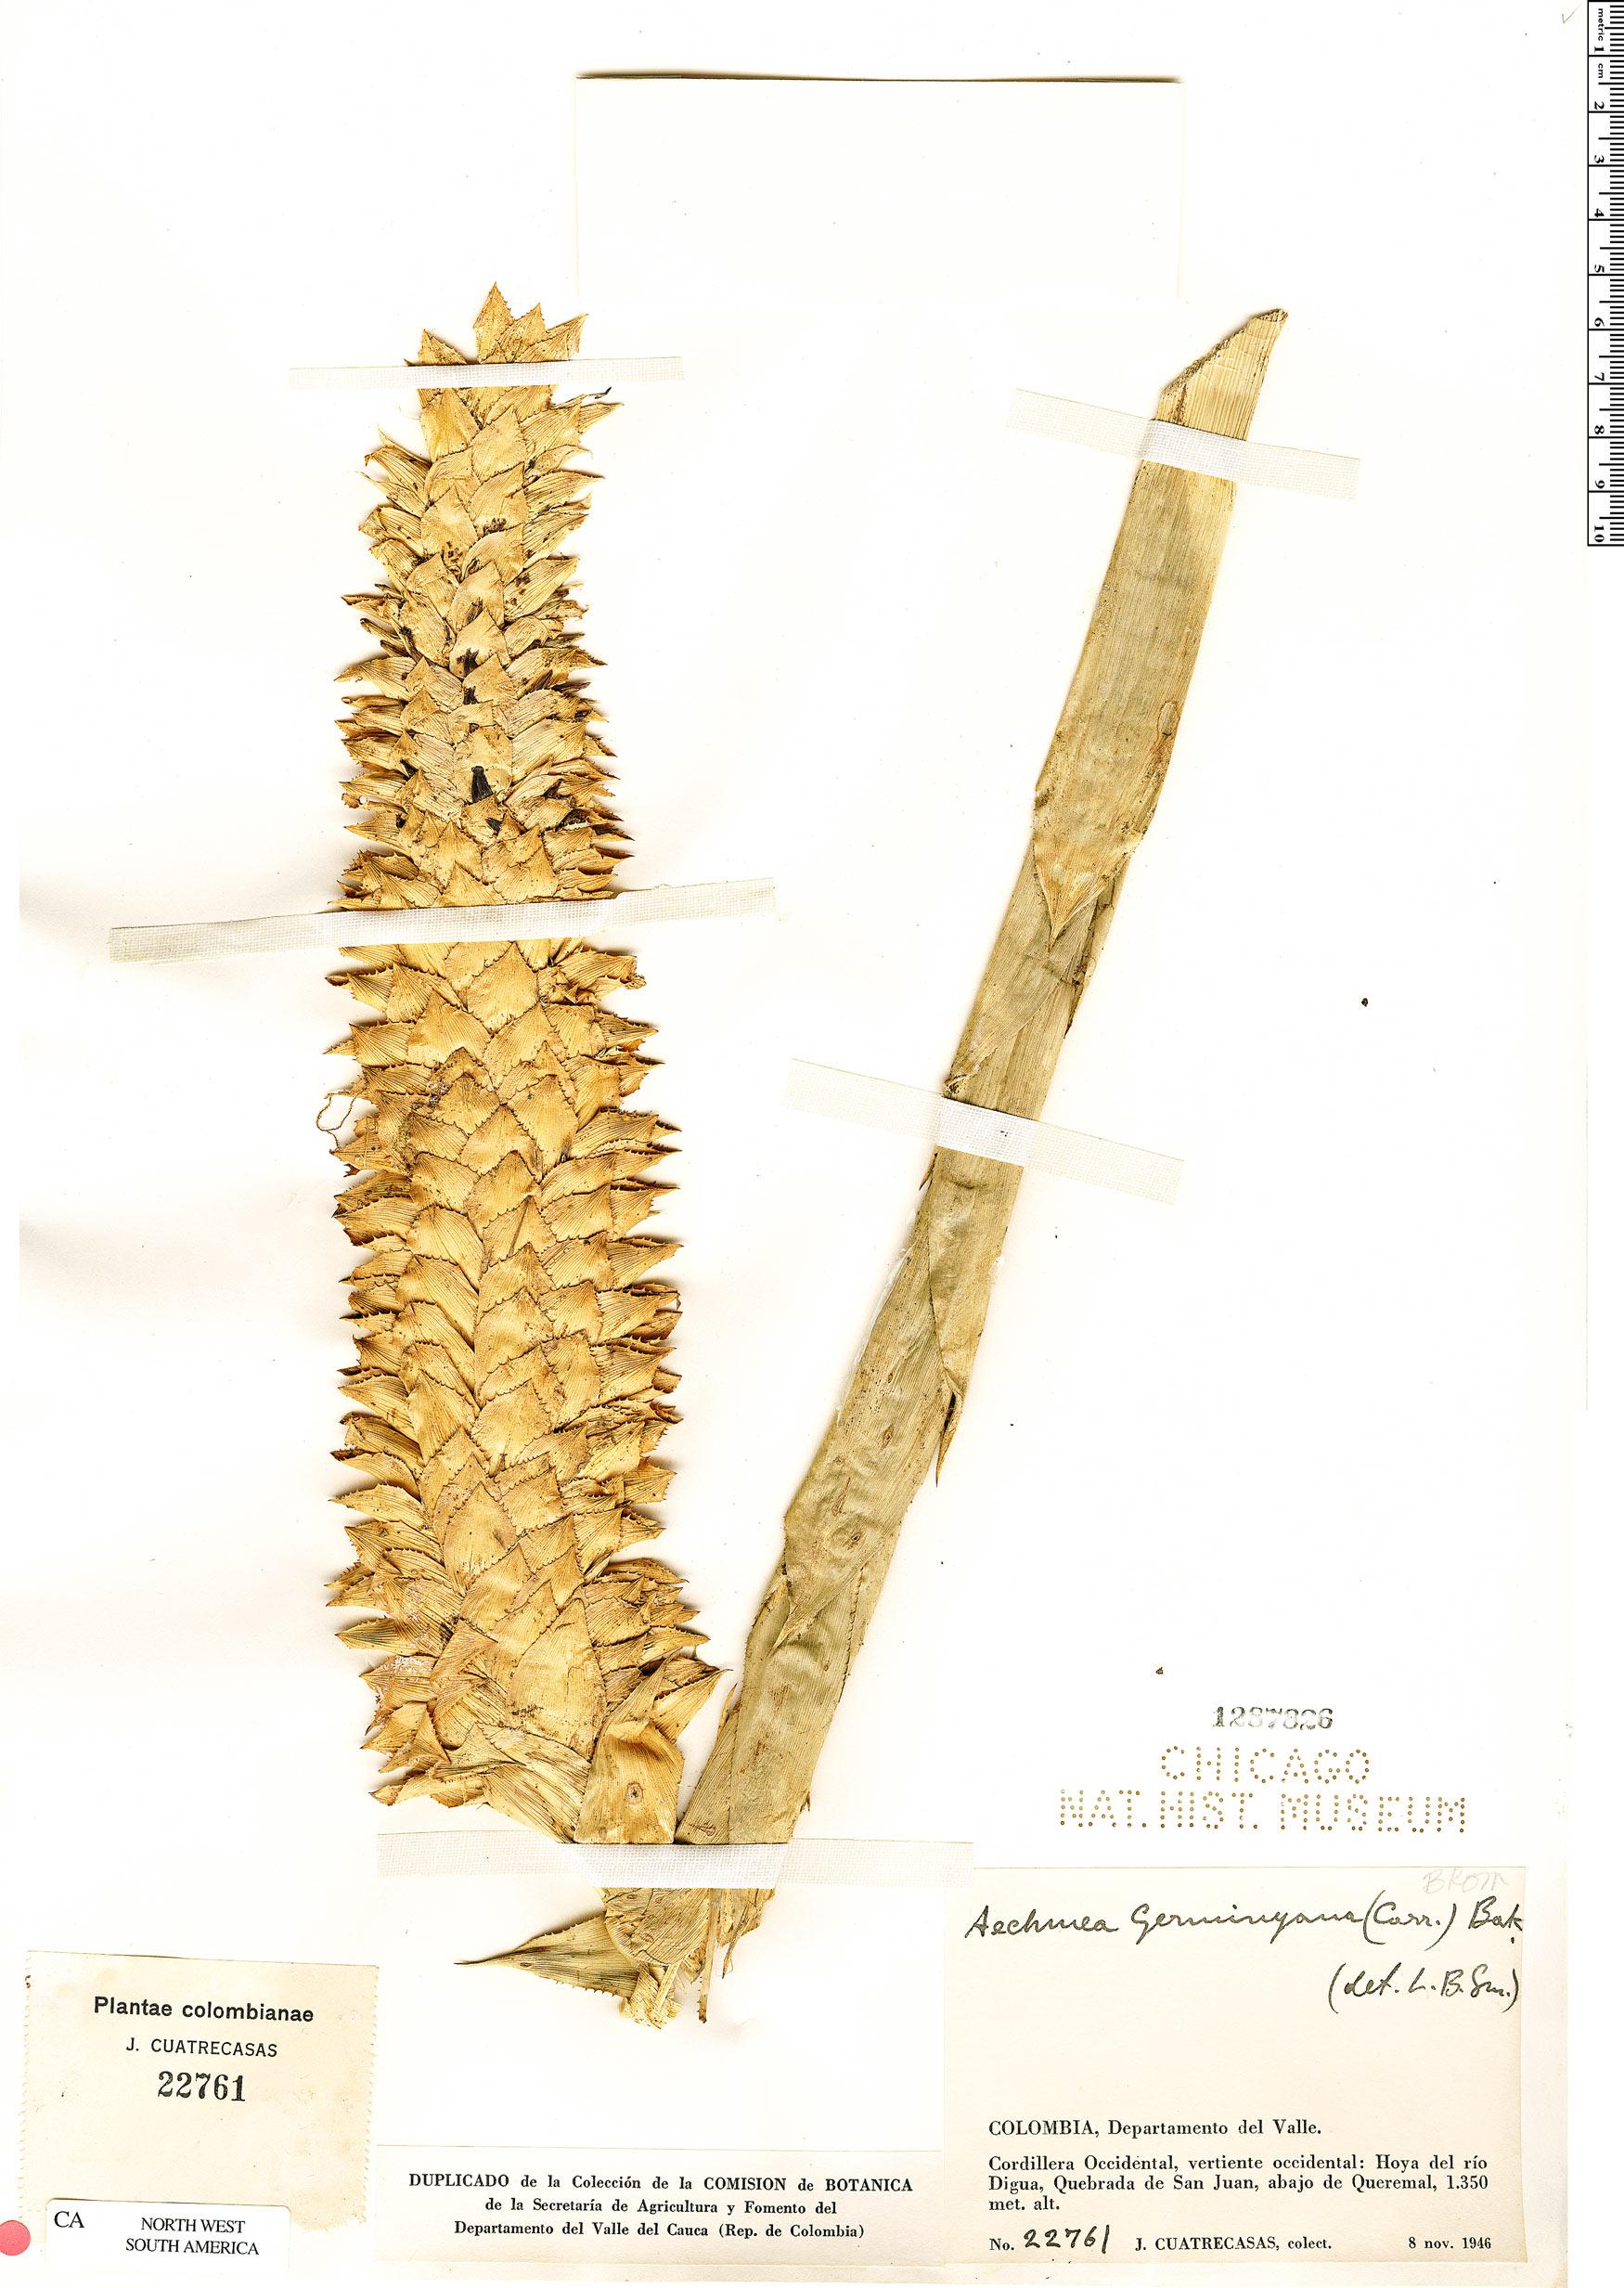 Specimen: Aechmea germinyana